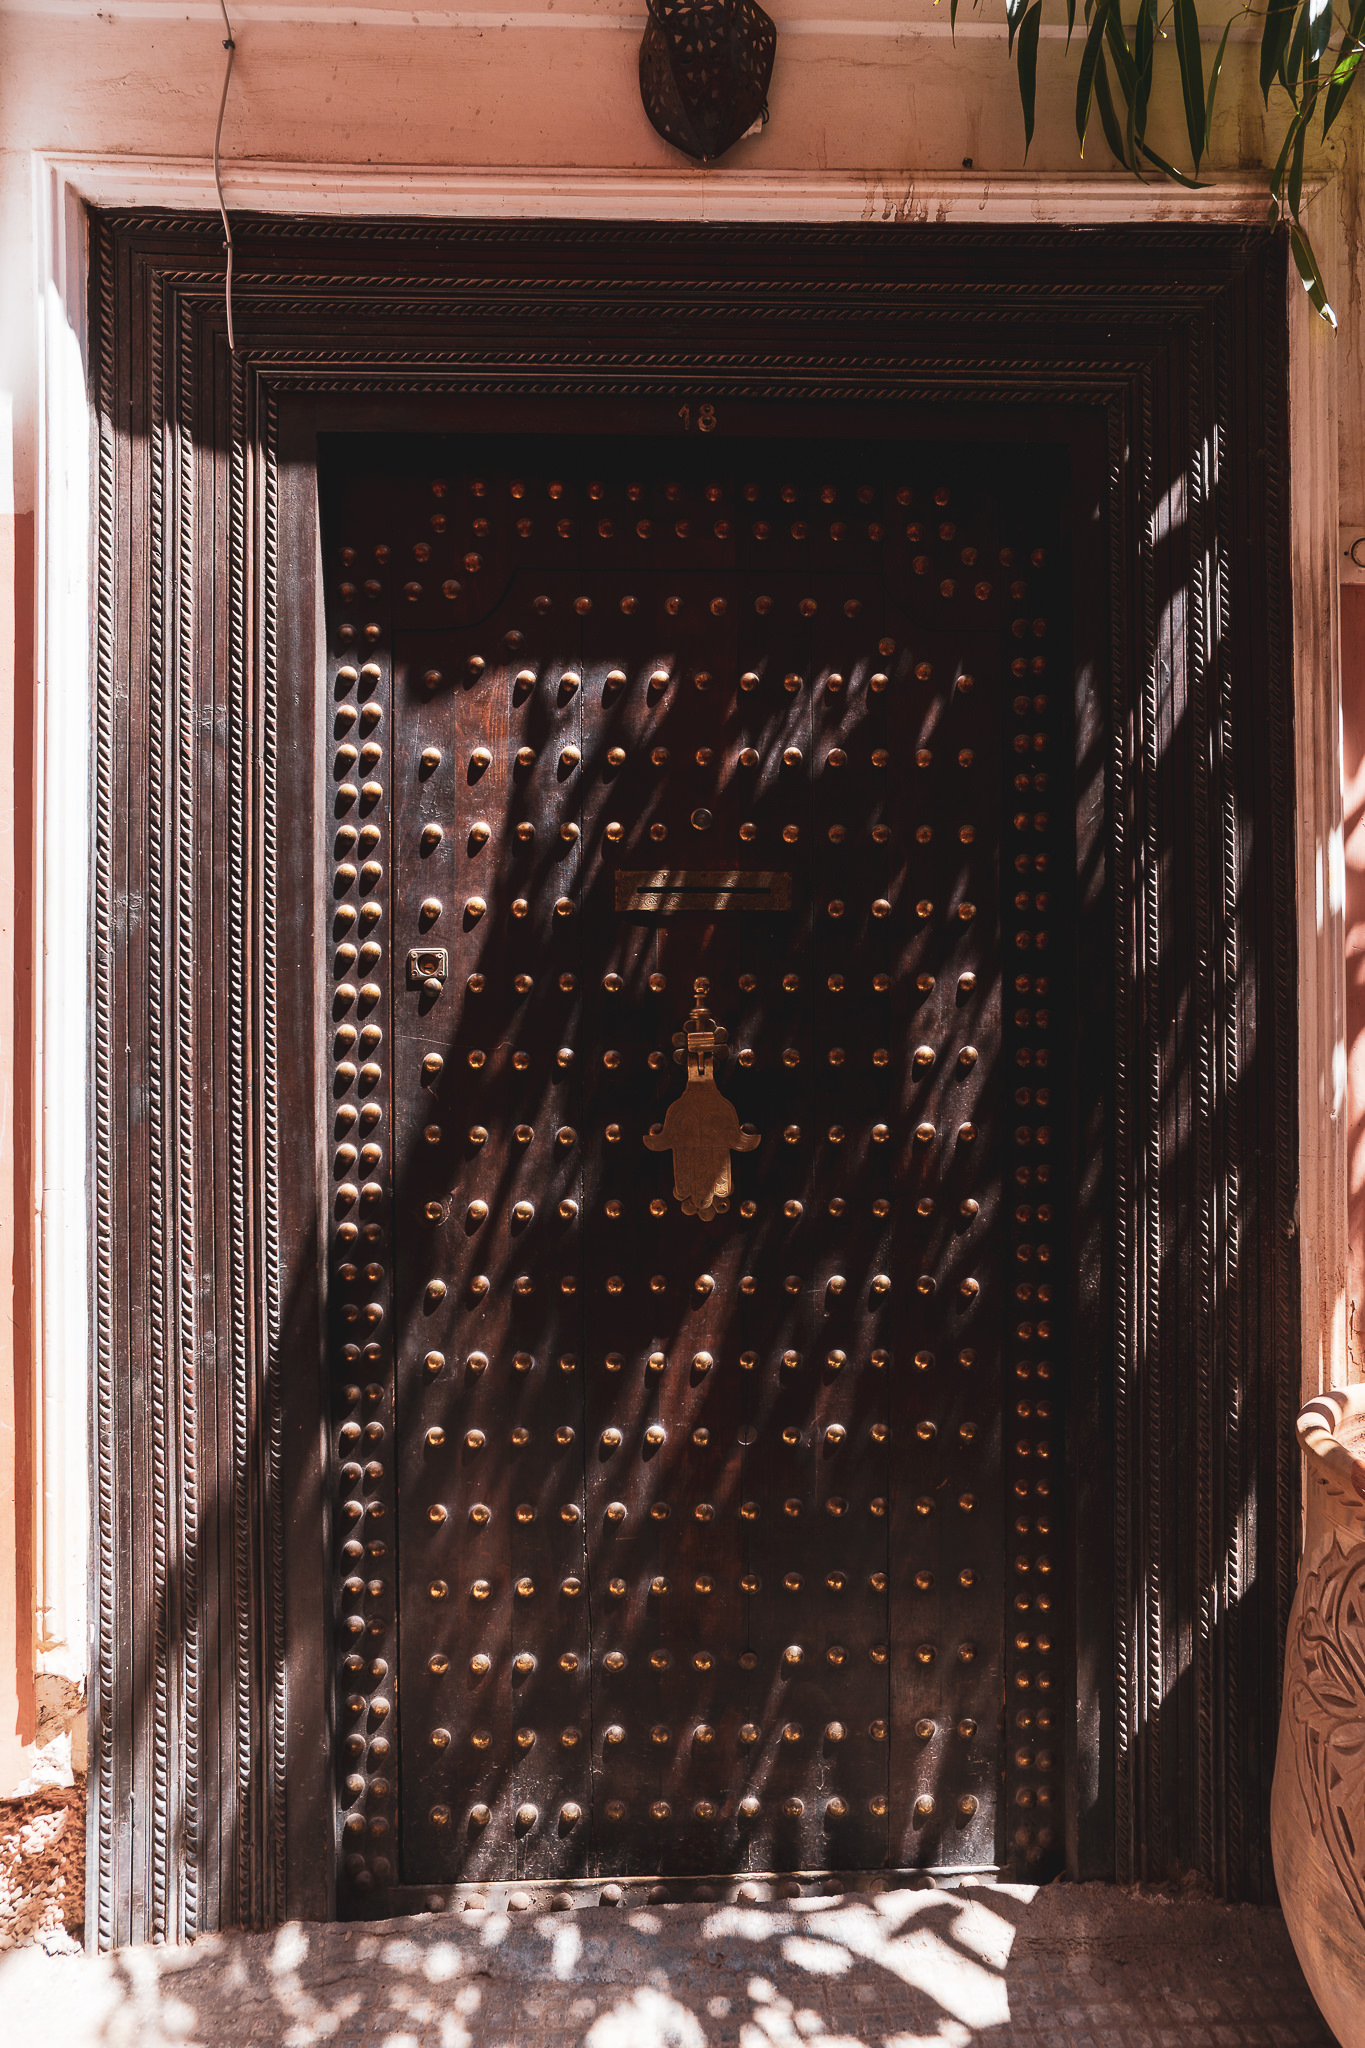 Marrakech ornate door #3